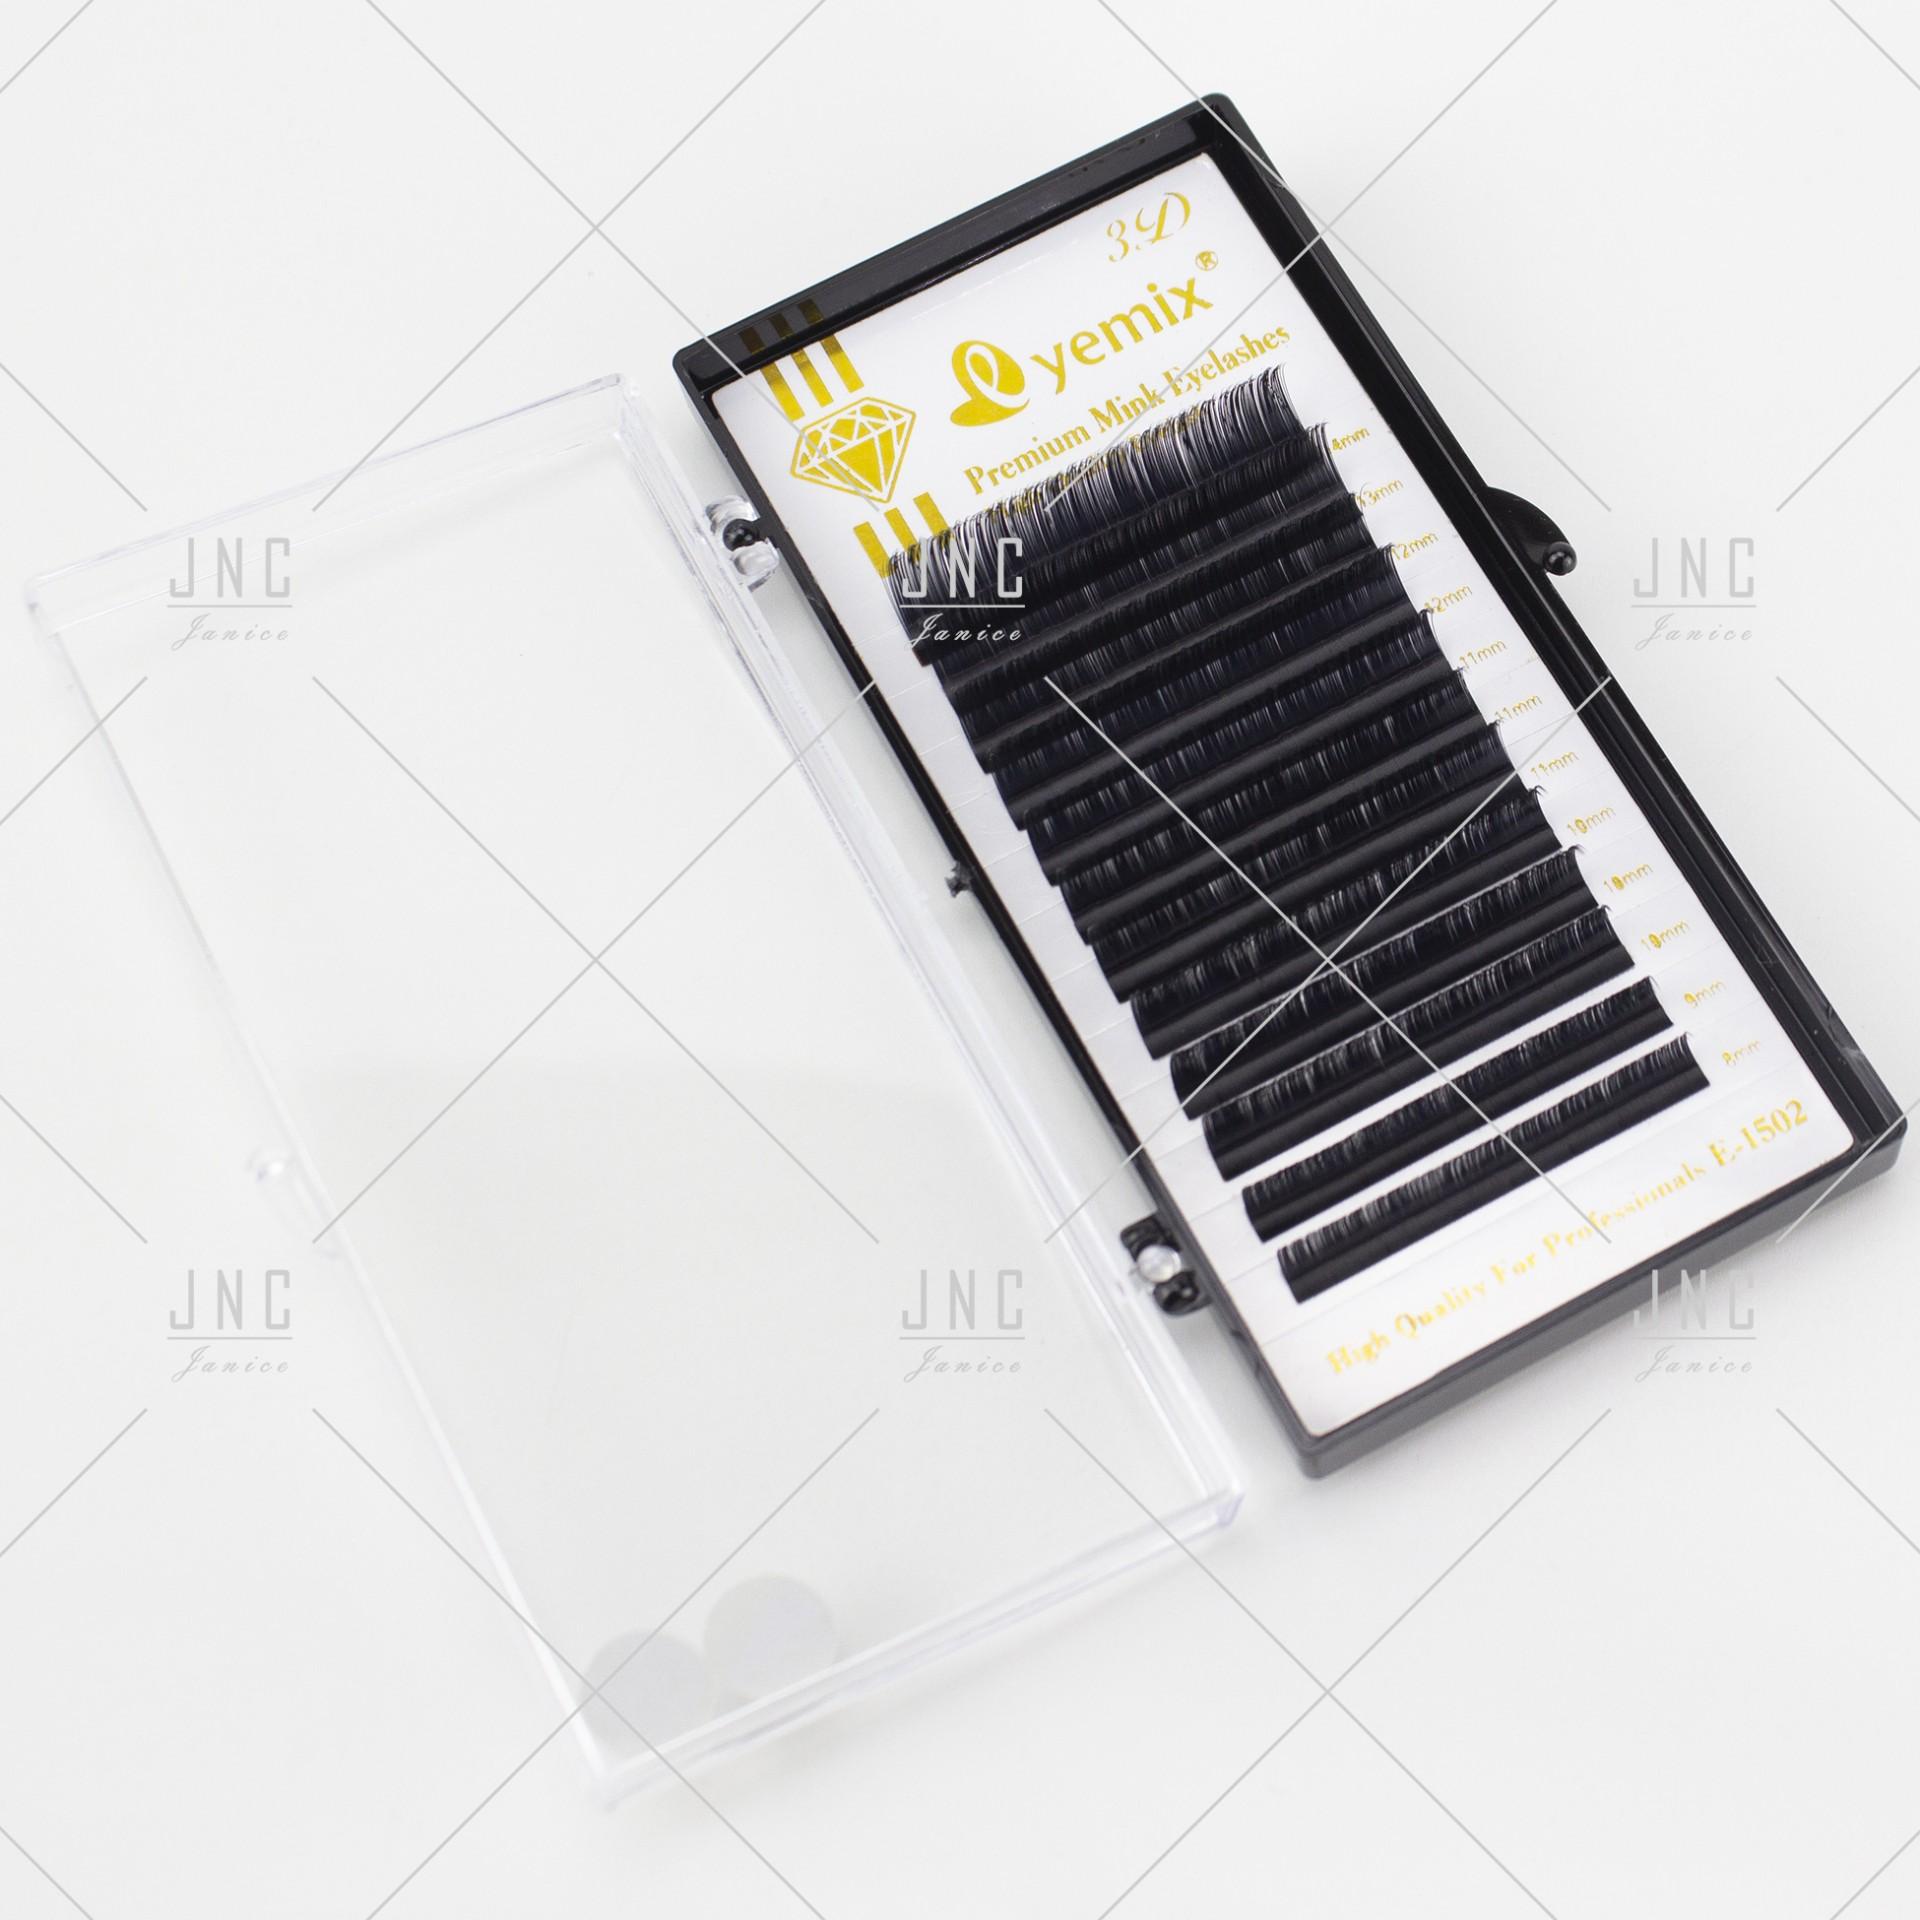 Extensão de Pestanas Eyemix - Mist 8mm a 14mm - 0.07D | Ref.862469